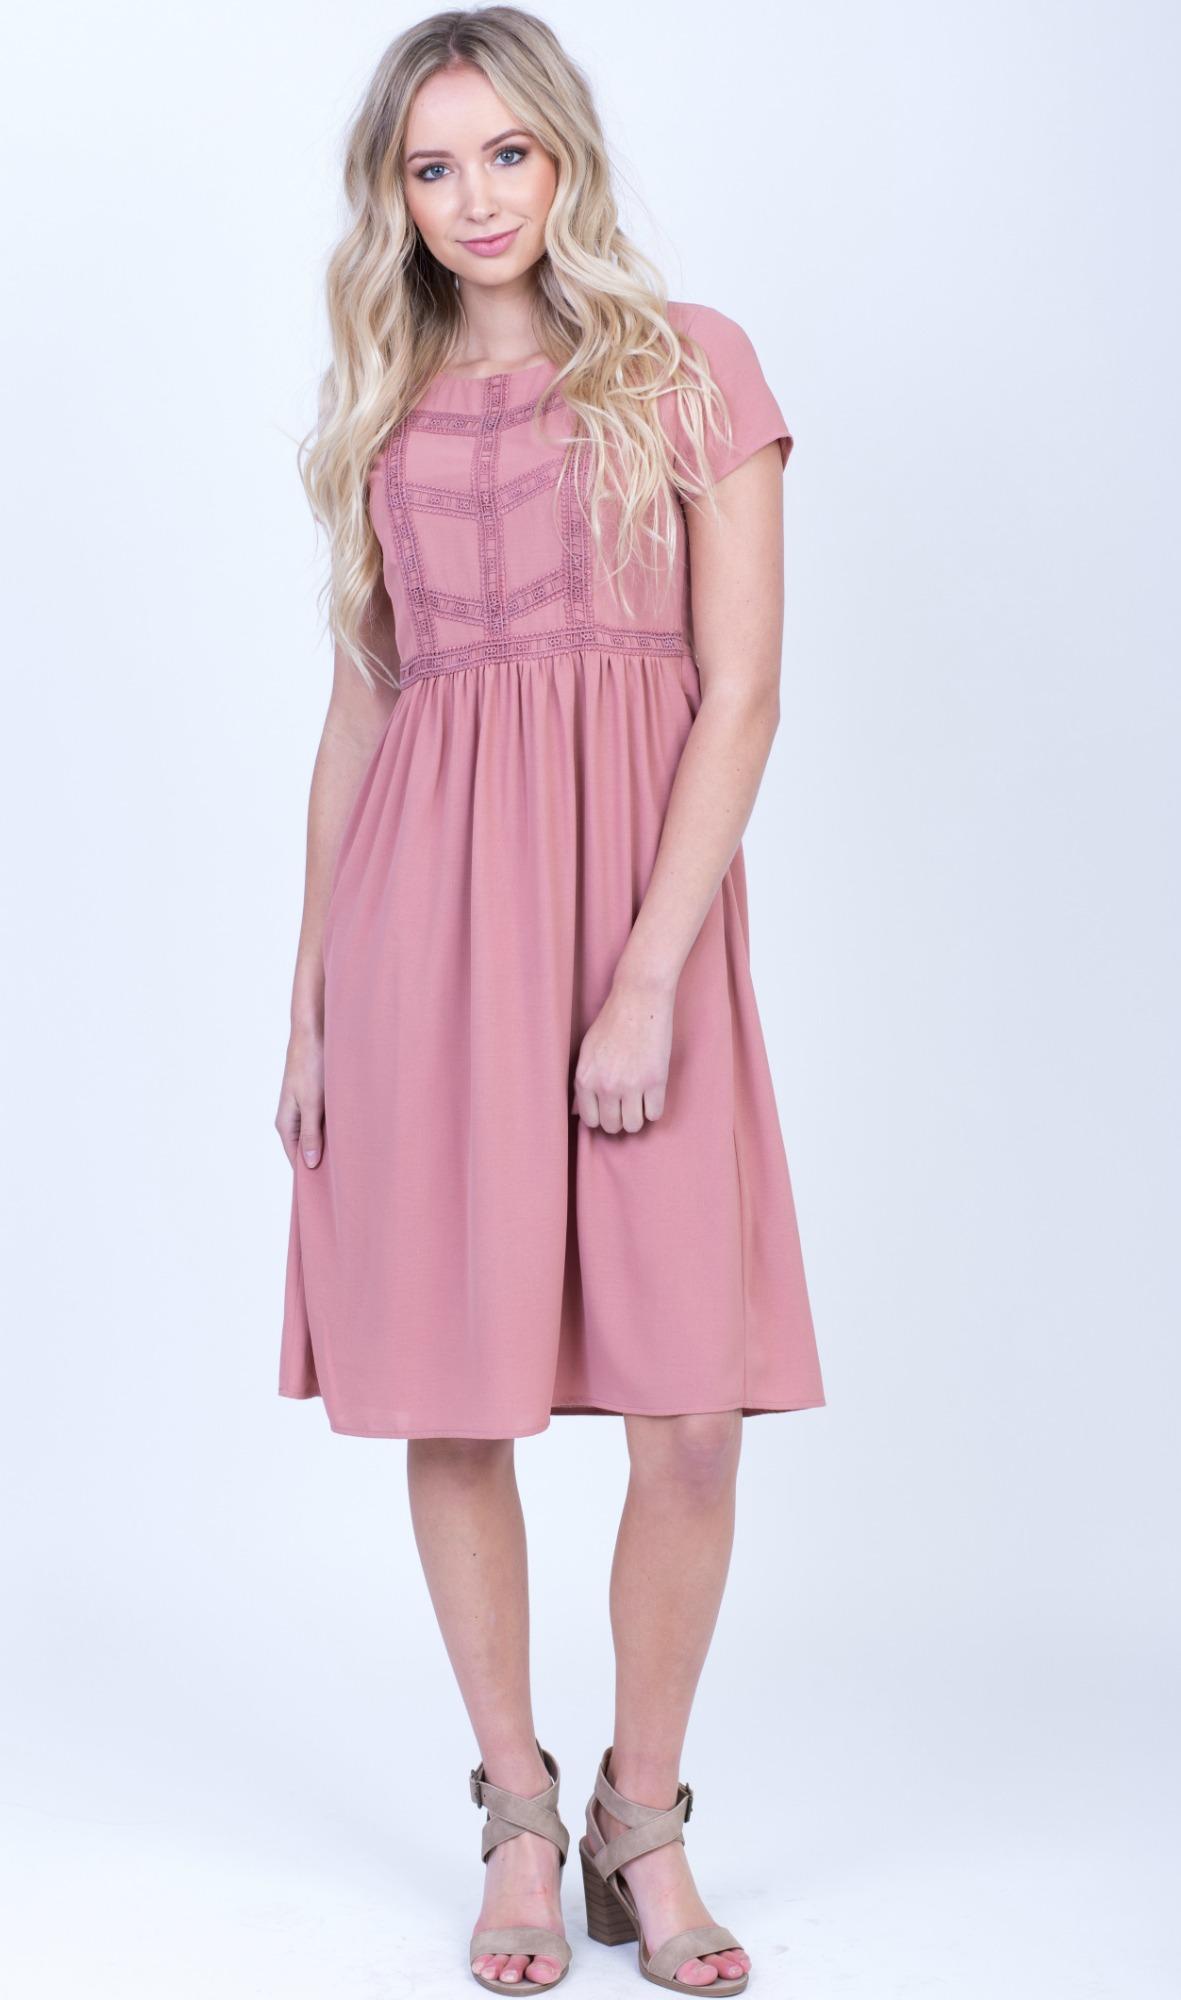 c68b8d357a6 Modest Women s Dresses